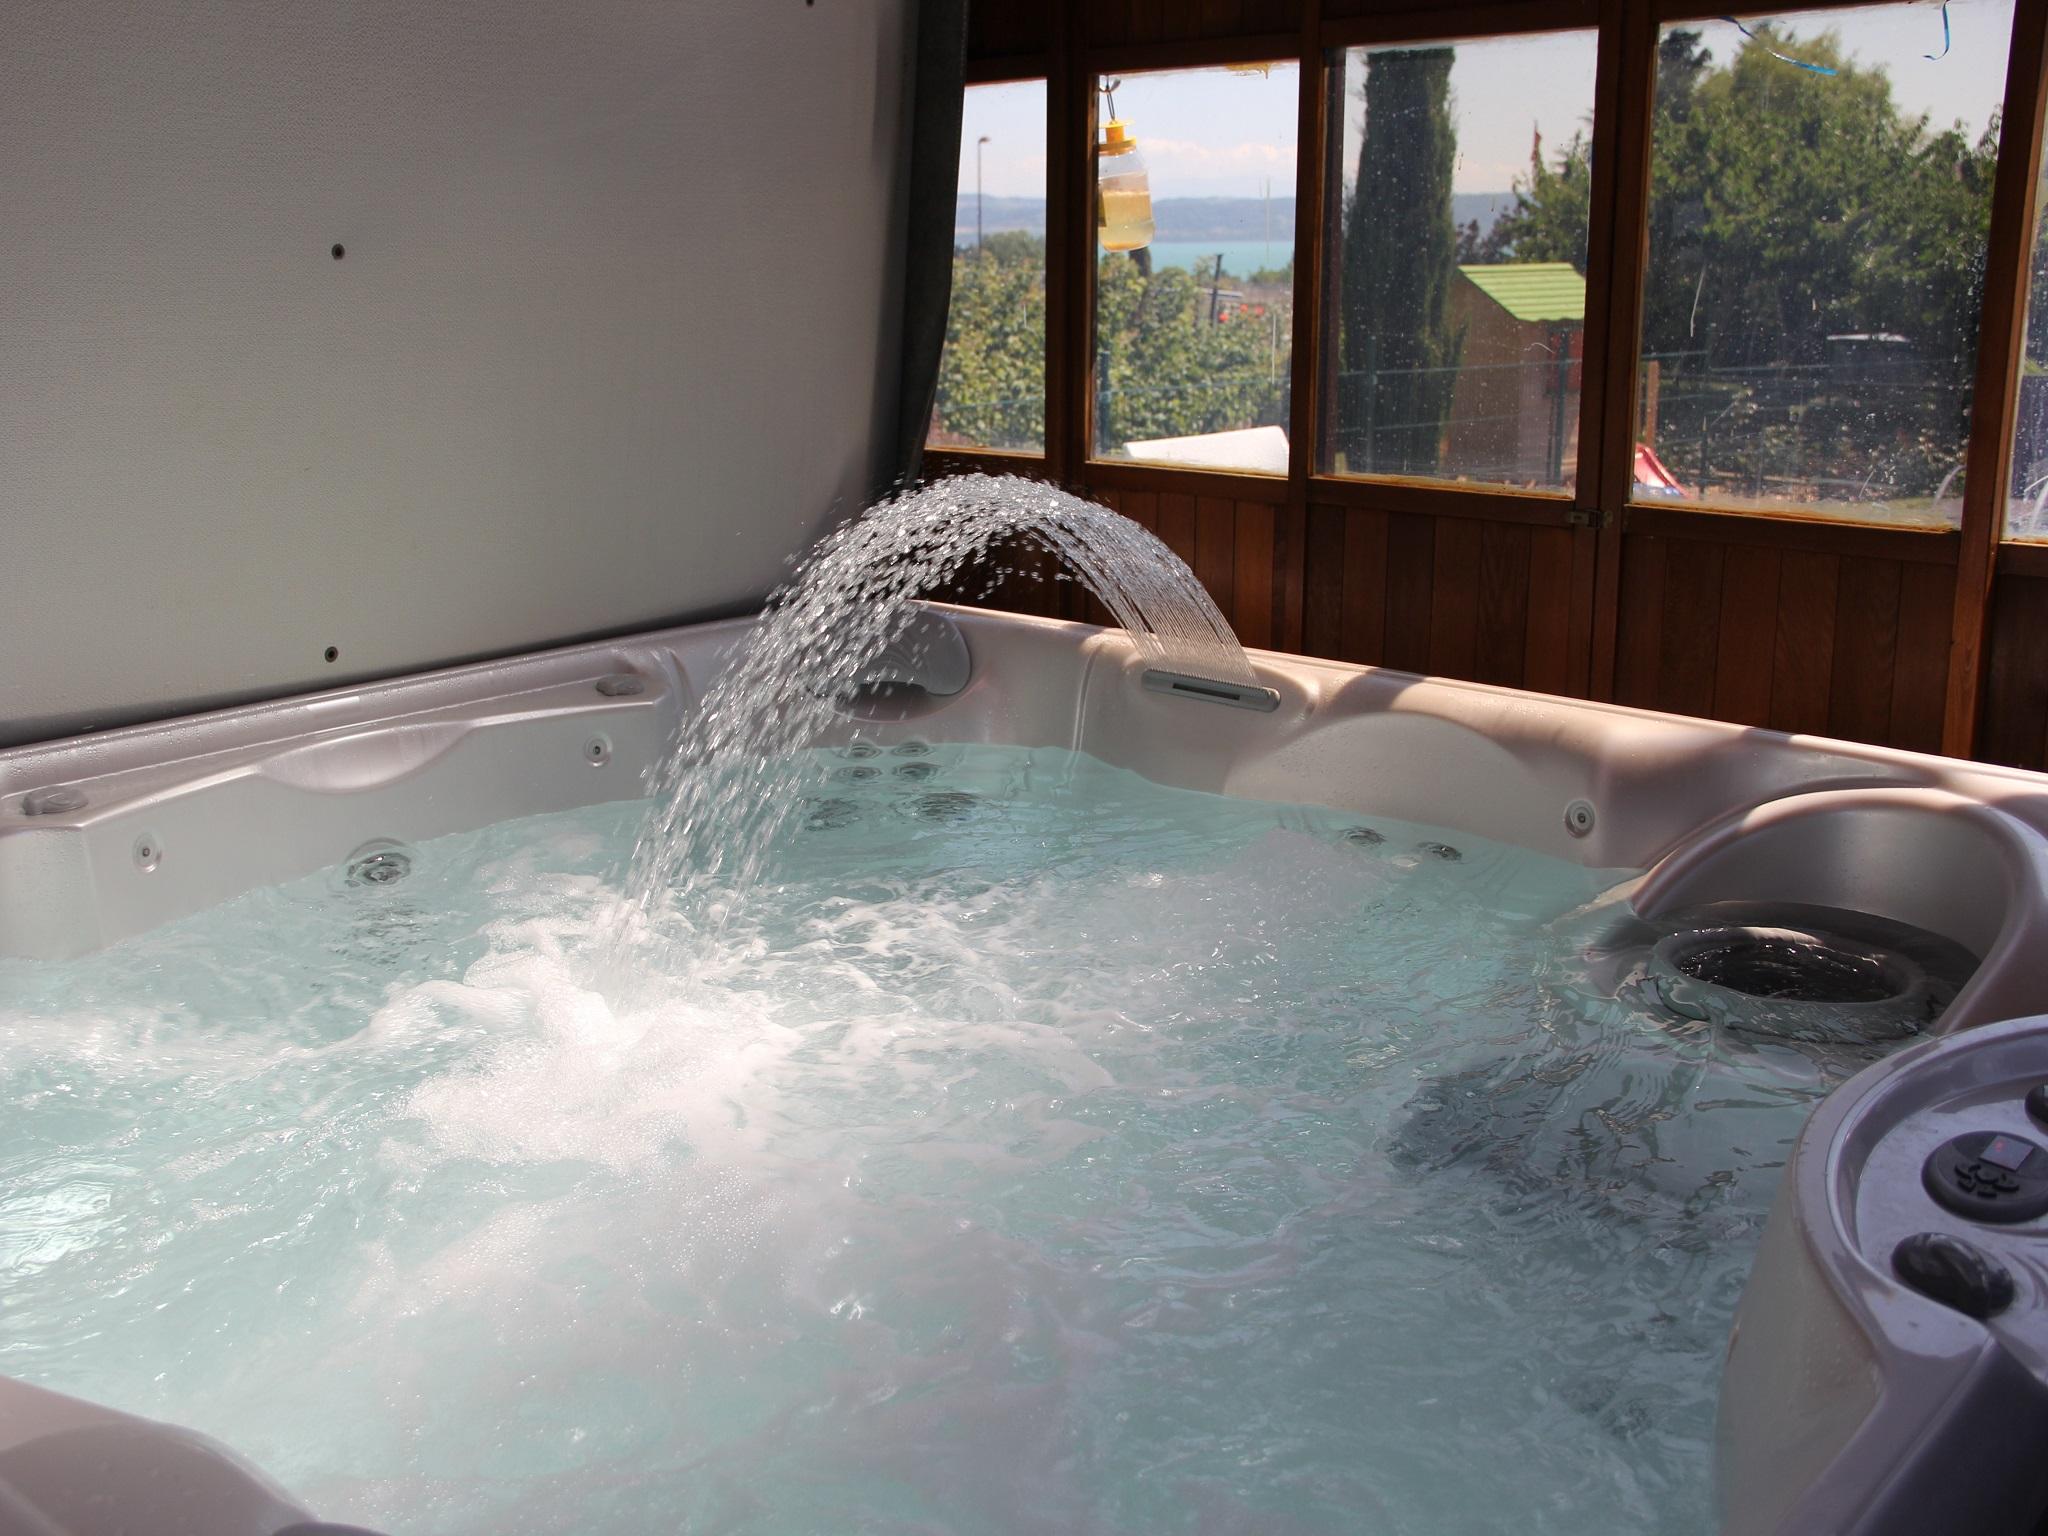 Appartement de vacances relaxe zu Hause ds 3pc oder im Studio eingerichteter Whirlpool und Pool im Somme (2520436), Bevaix, Lac de Neuchâtel, Jura - Neuchâtel, Suisse, image 10